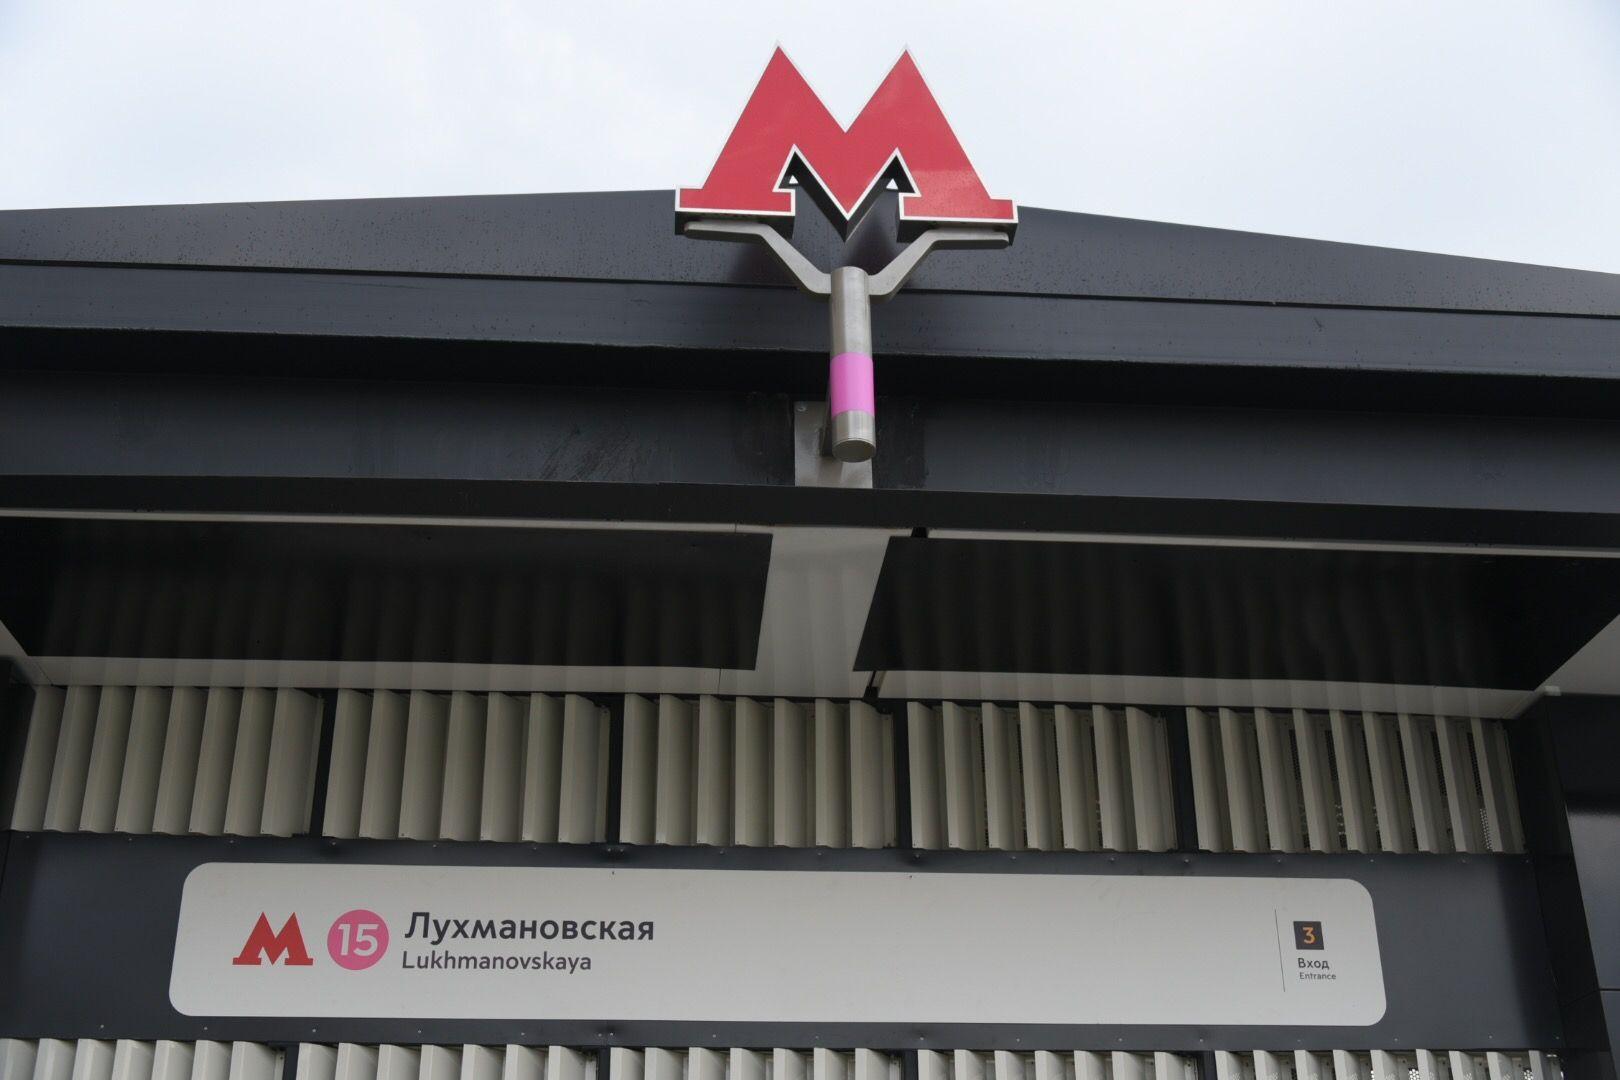 Территории у строящихся станций метро в Москве ждет благоустройство